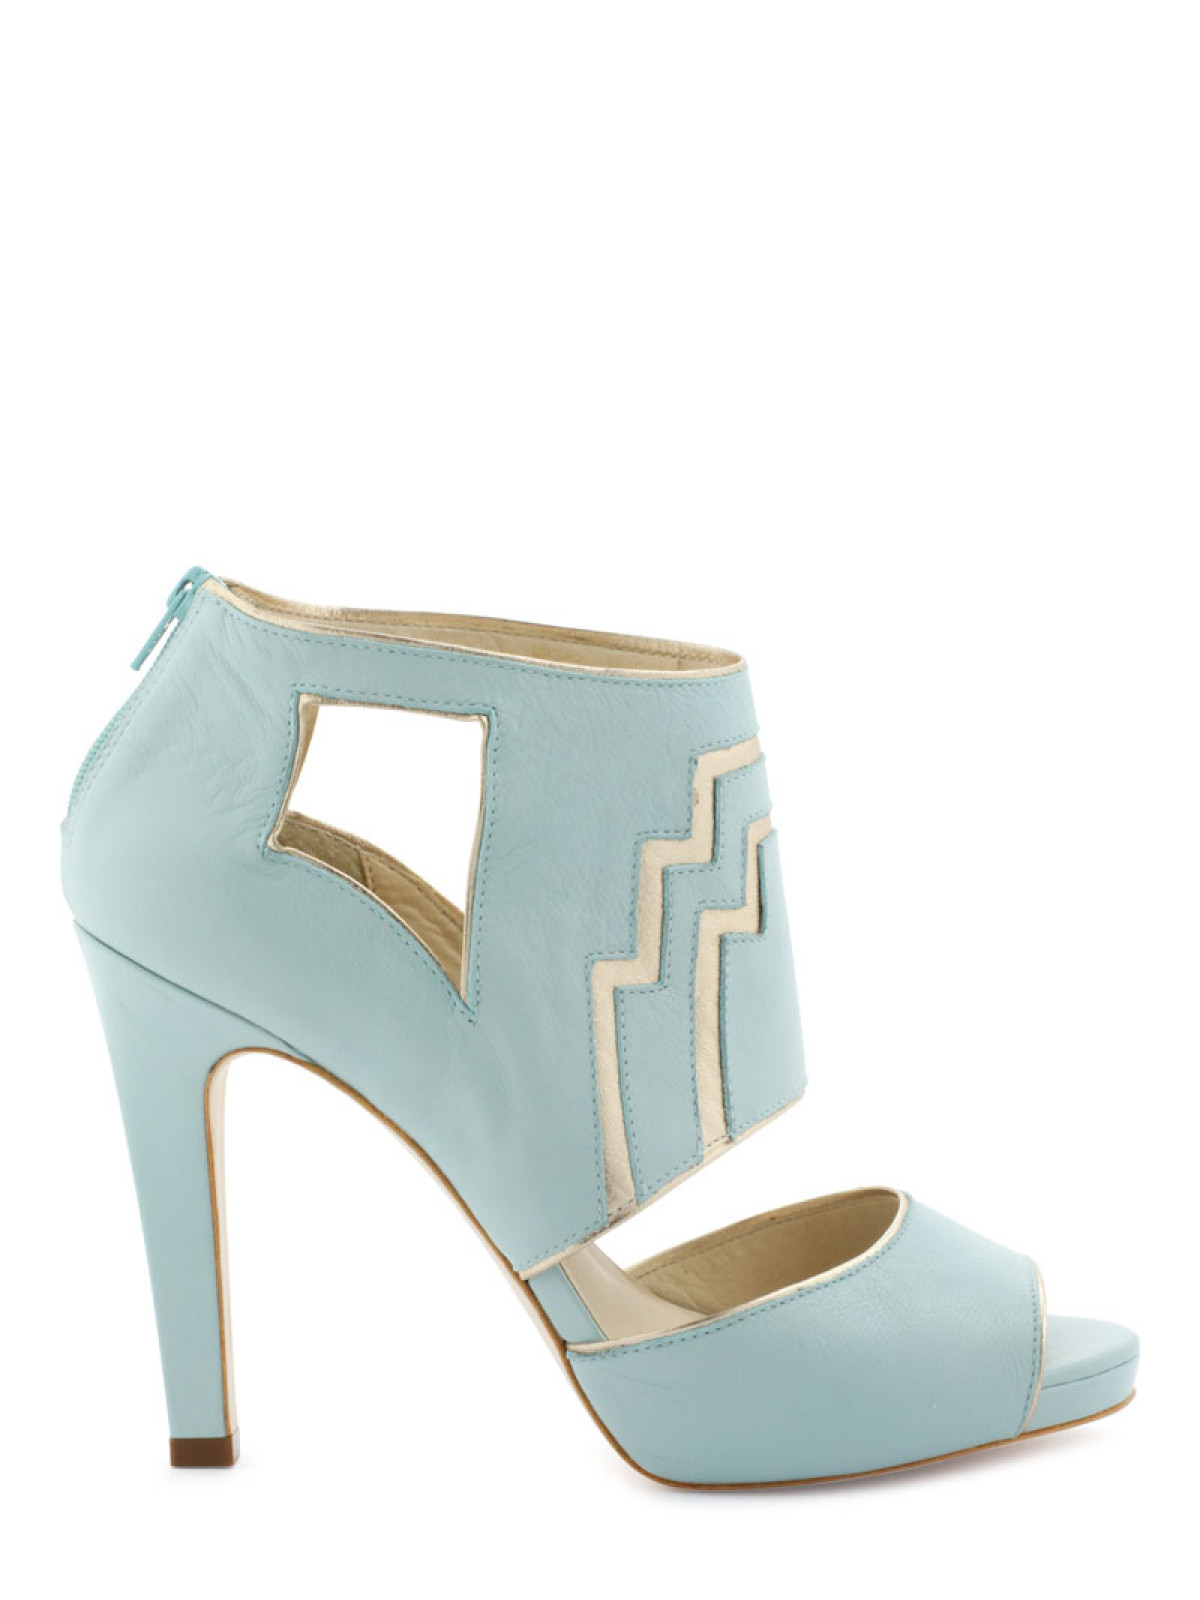 4. escarpins-ouverts-bleu-pastel-fashion-chaussures-mariee